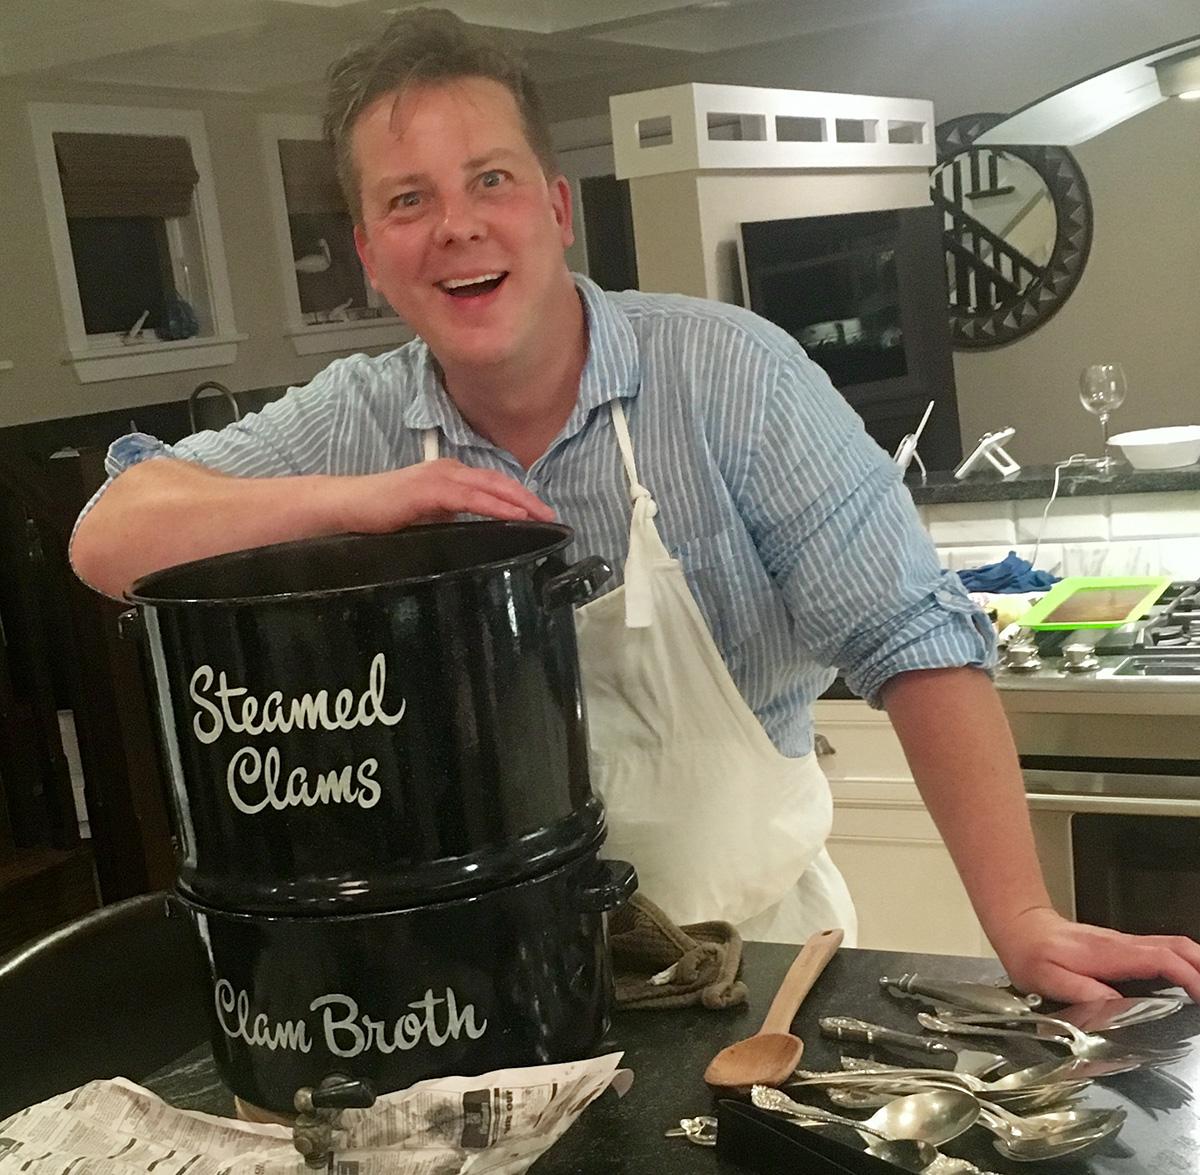 SuperFine Food chef Matthew Gaudet